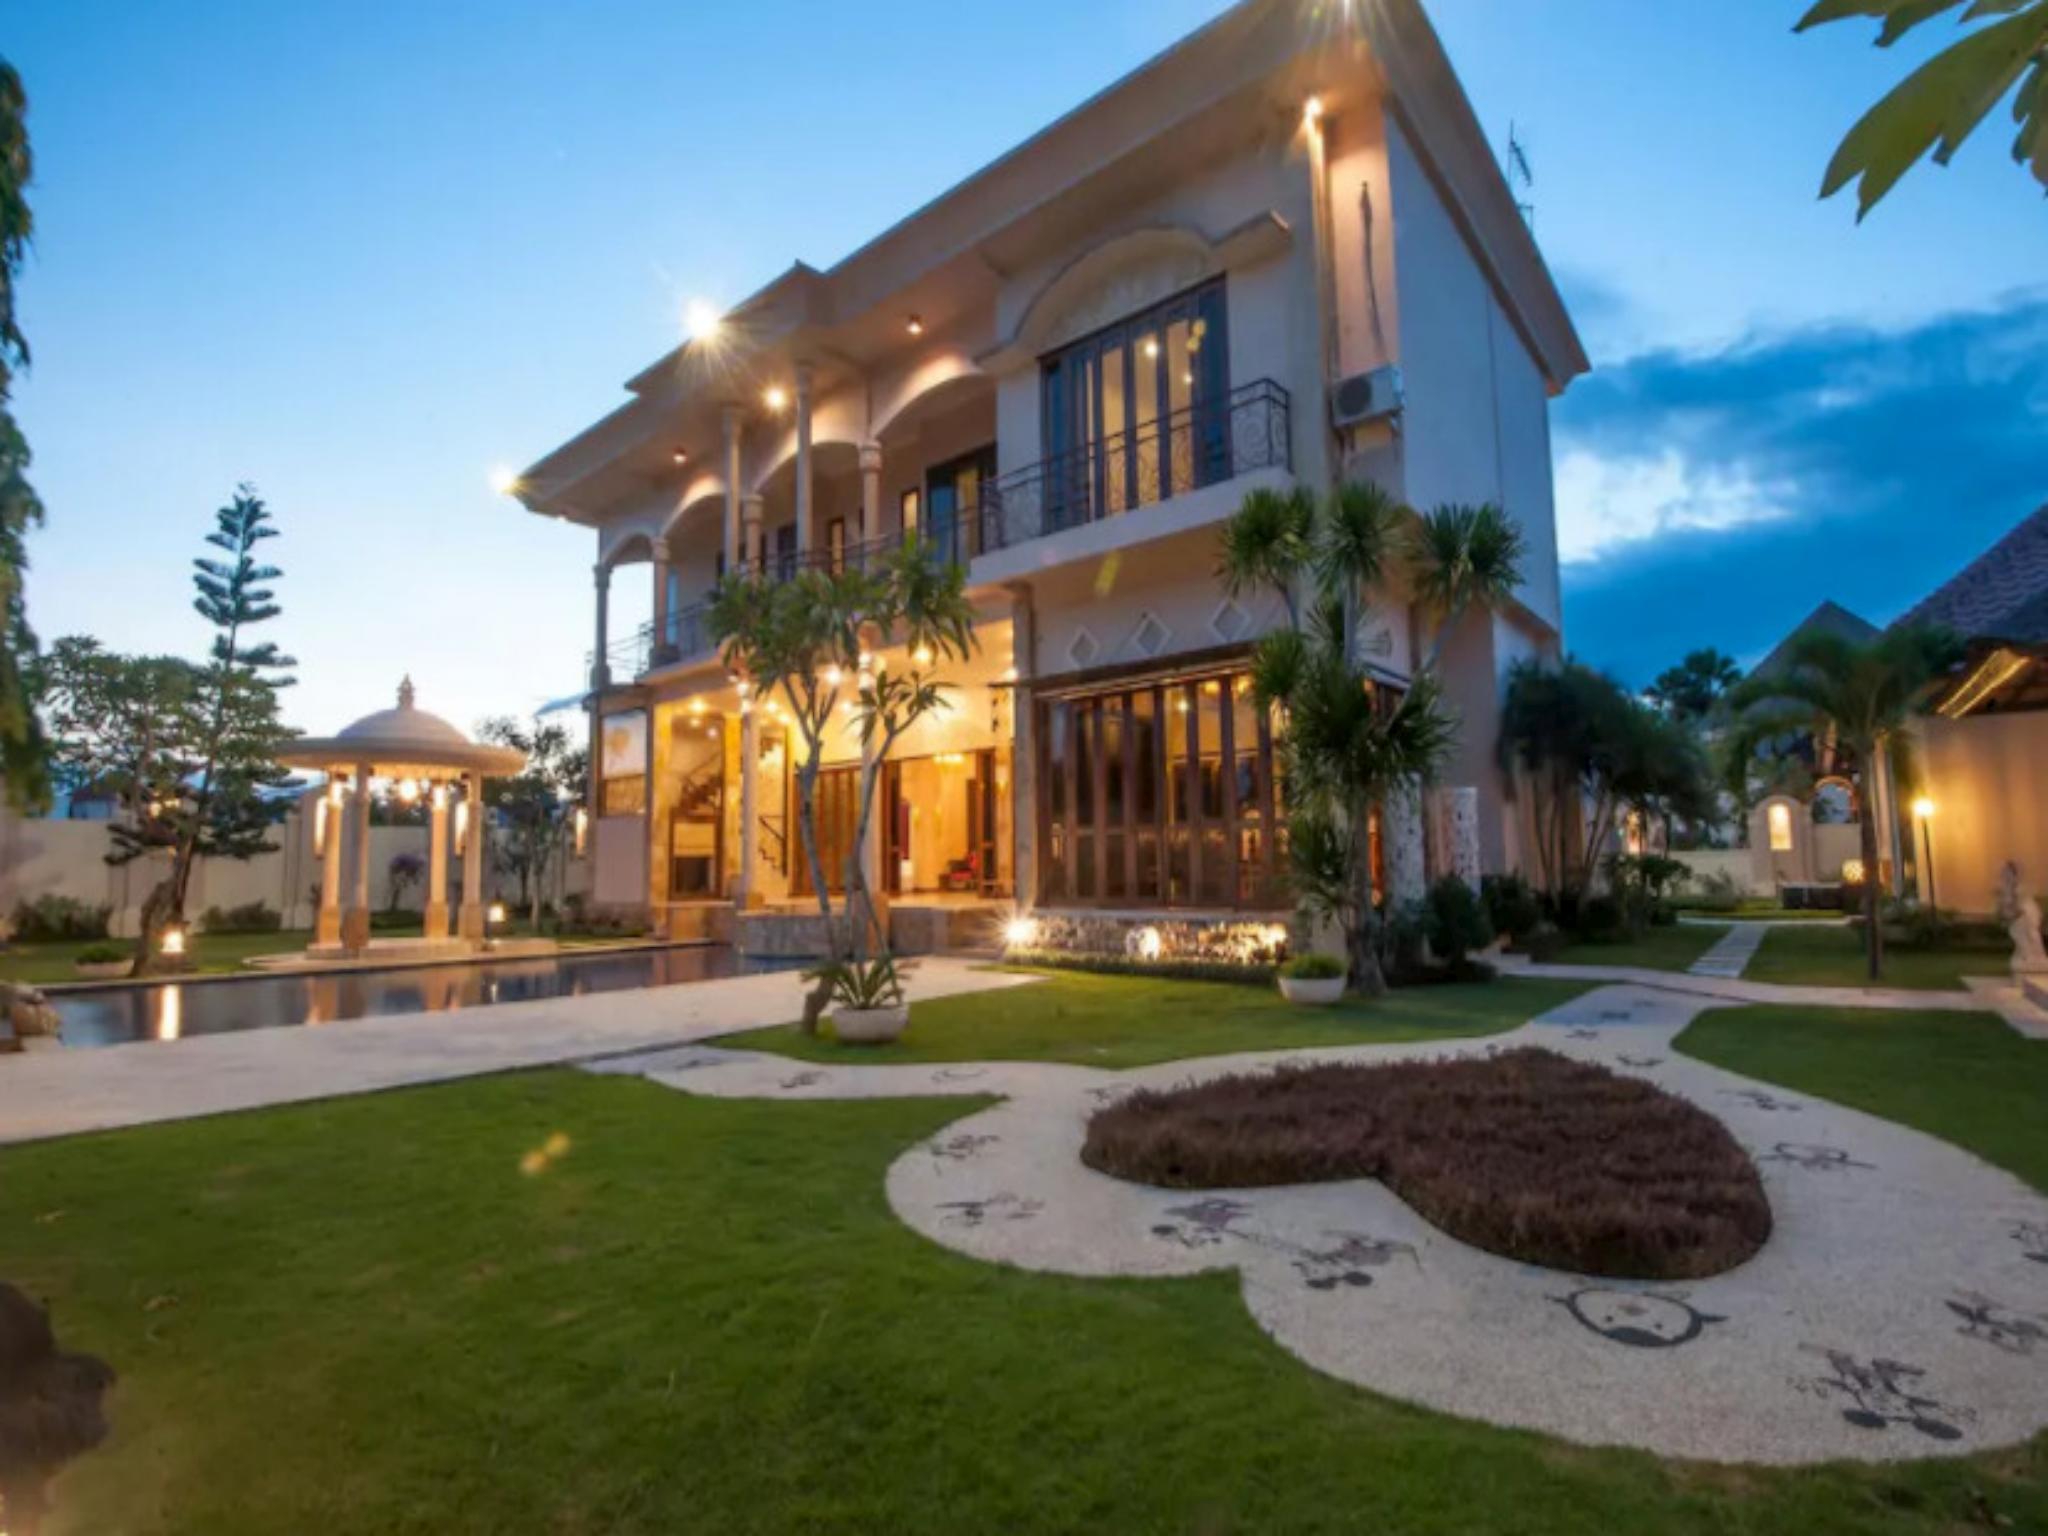 Jepun Bali Villa 4 by Sila Dharma